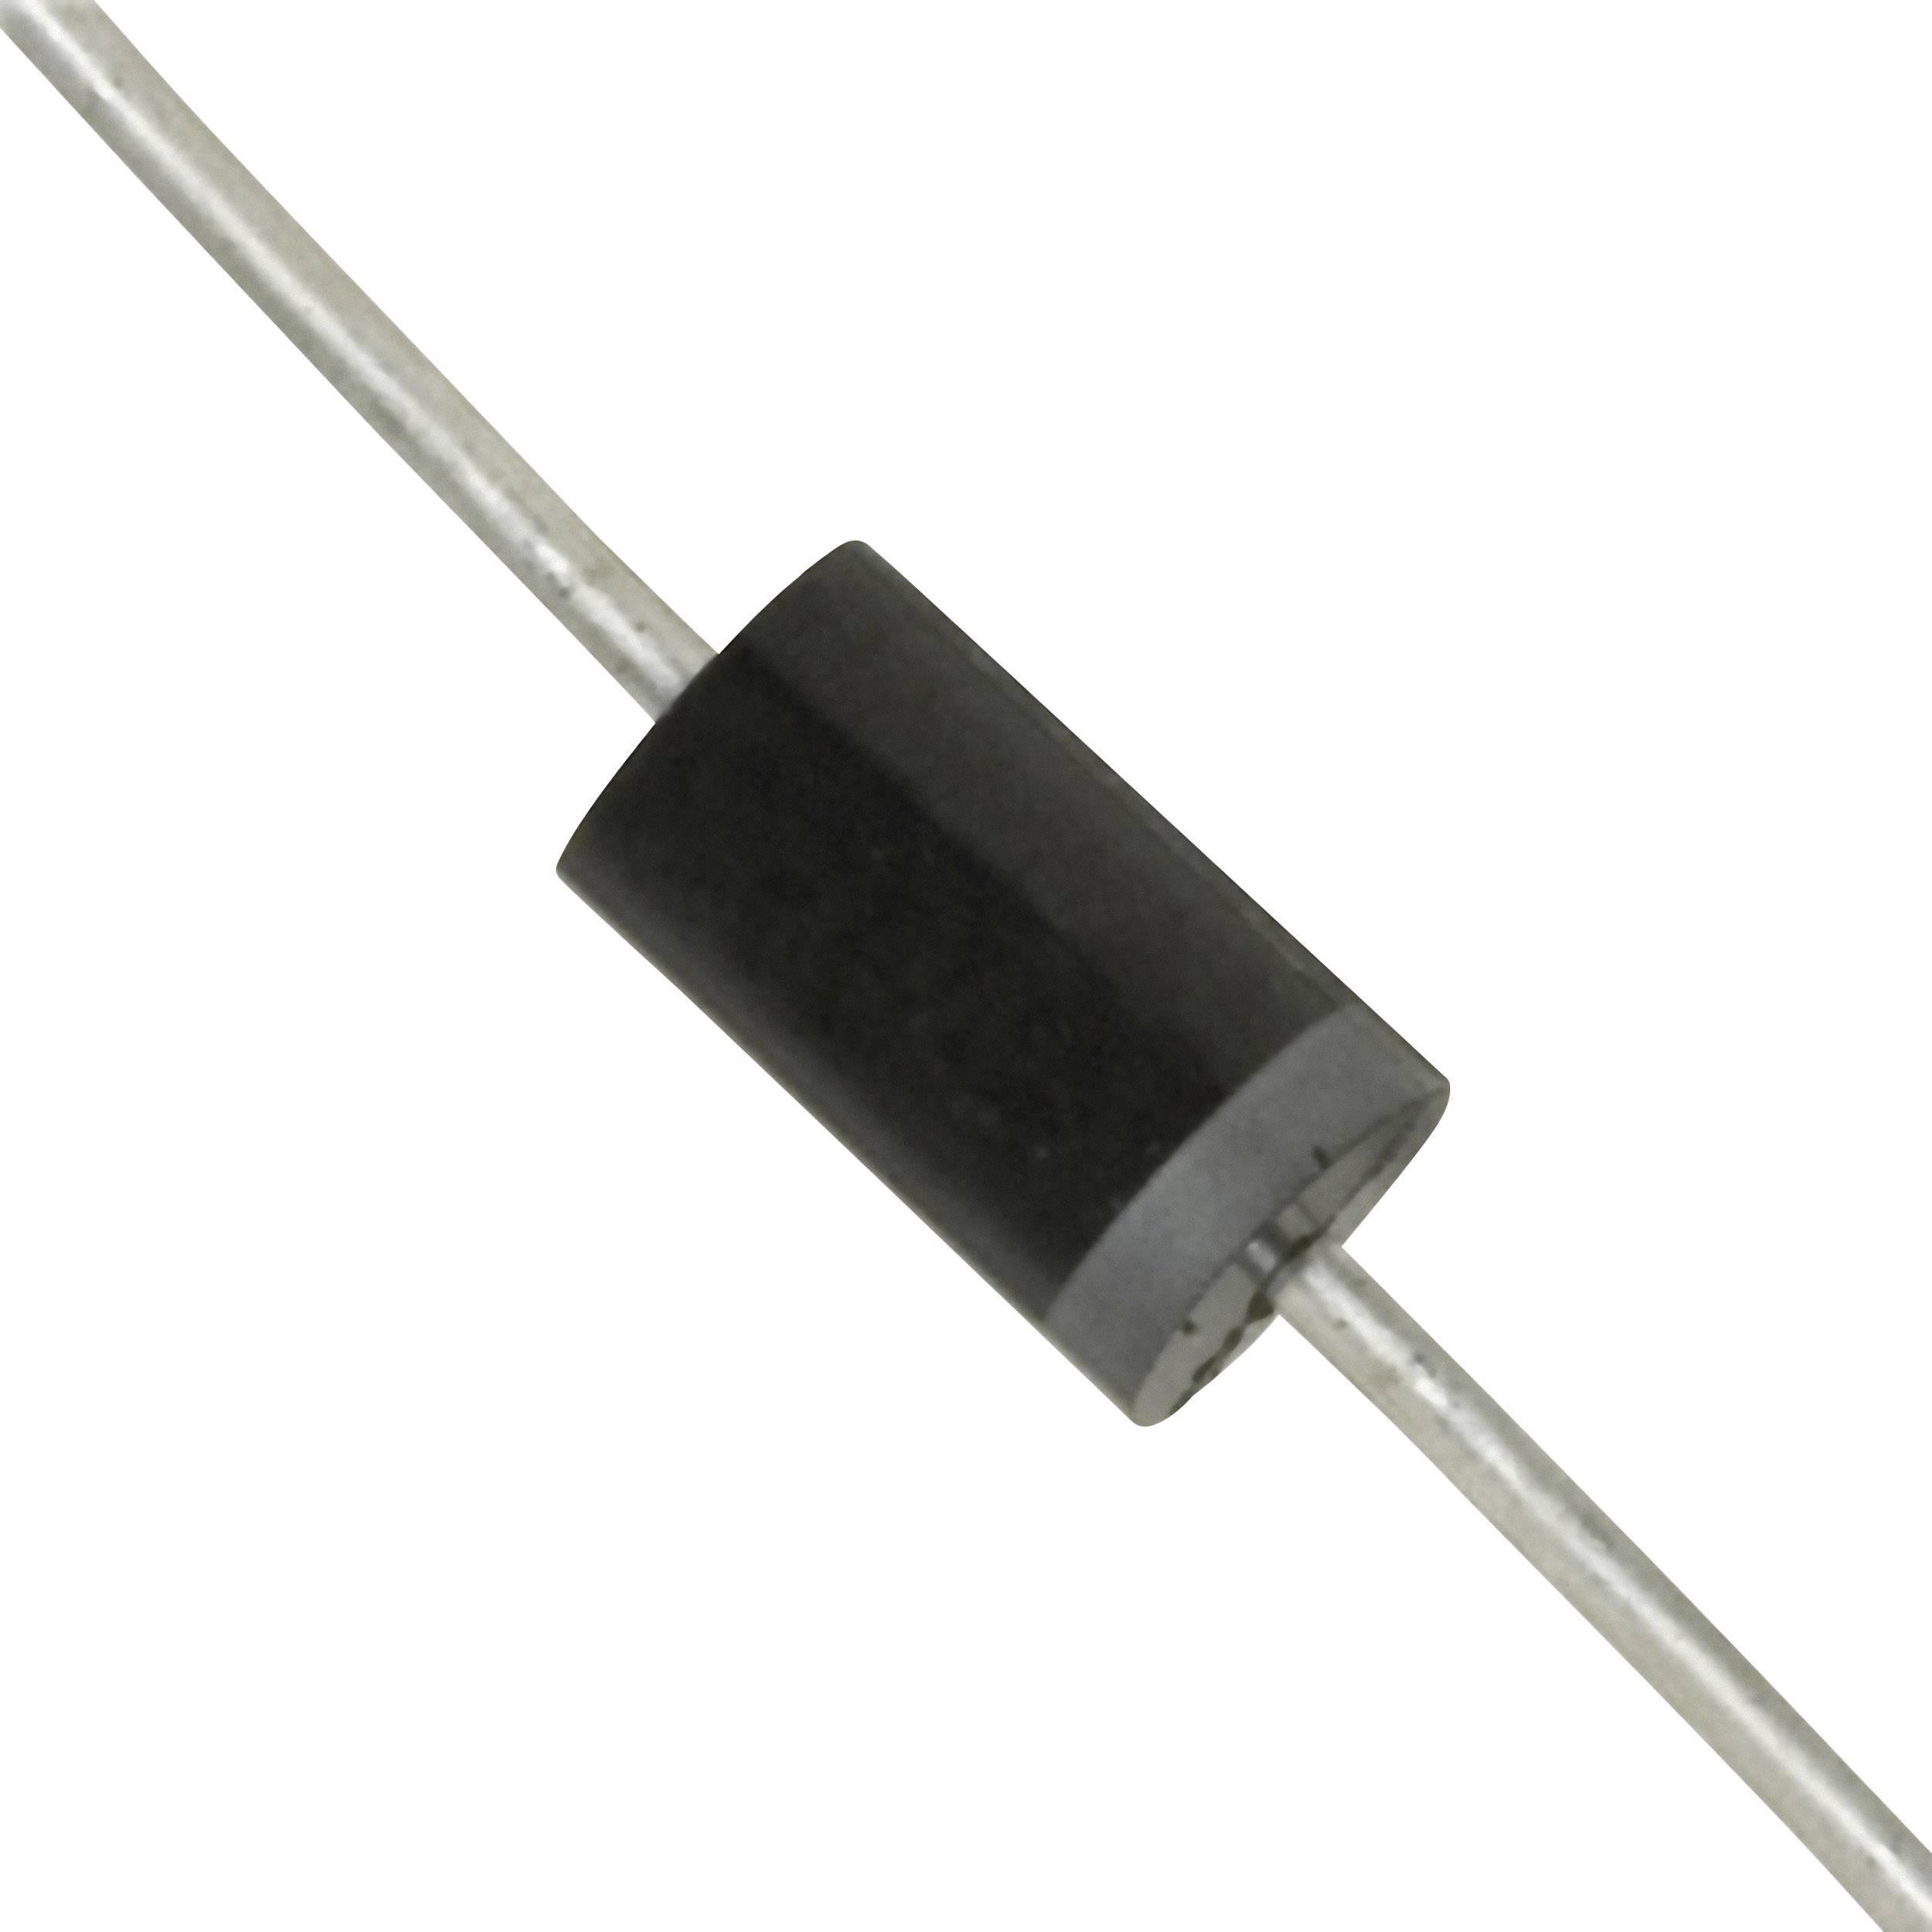 Zenerova dioda Diotec 1N5355B, U(zen) 18 V